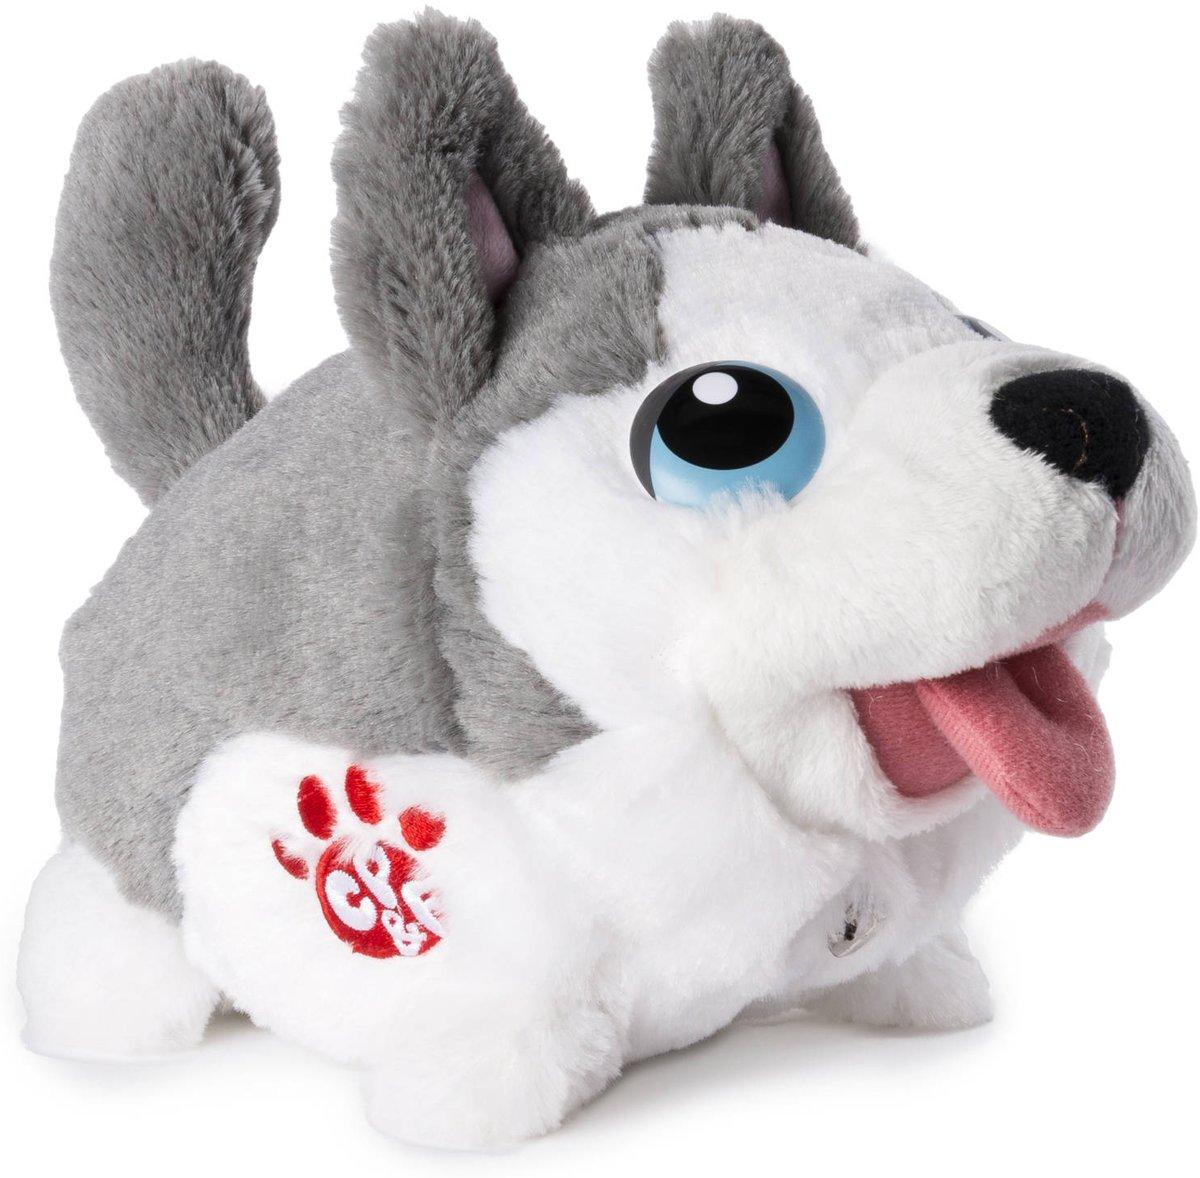 Chubby Puppies en vrienden stuntelen knuffeldier - Husky